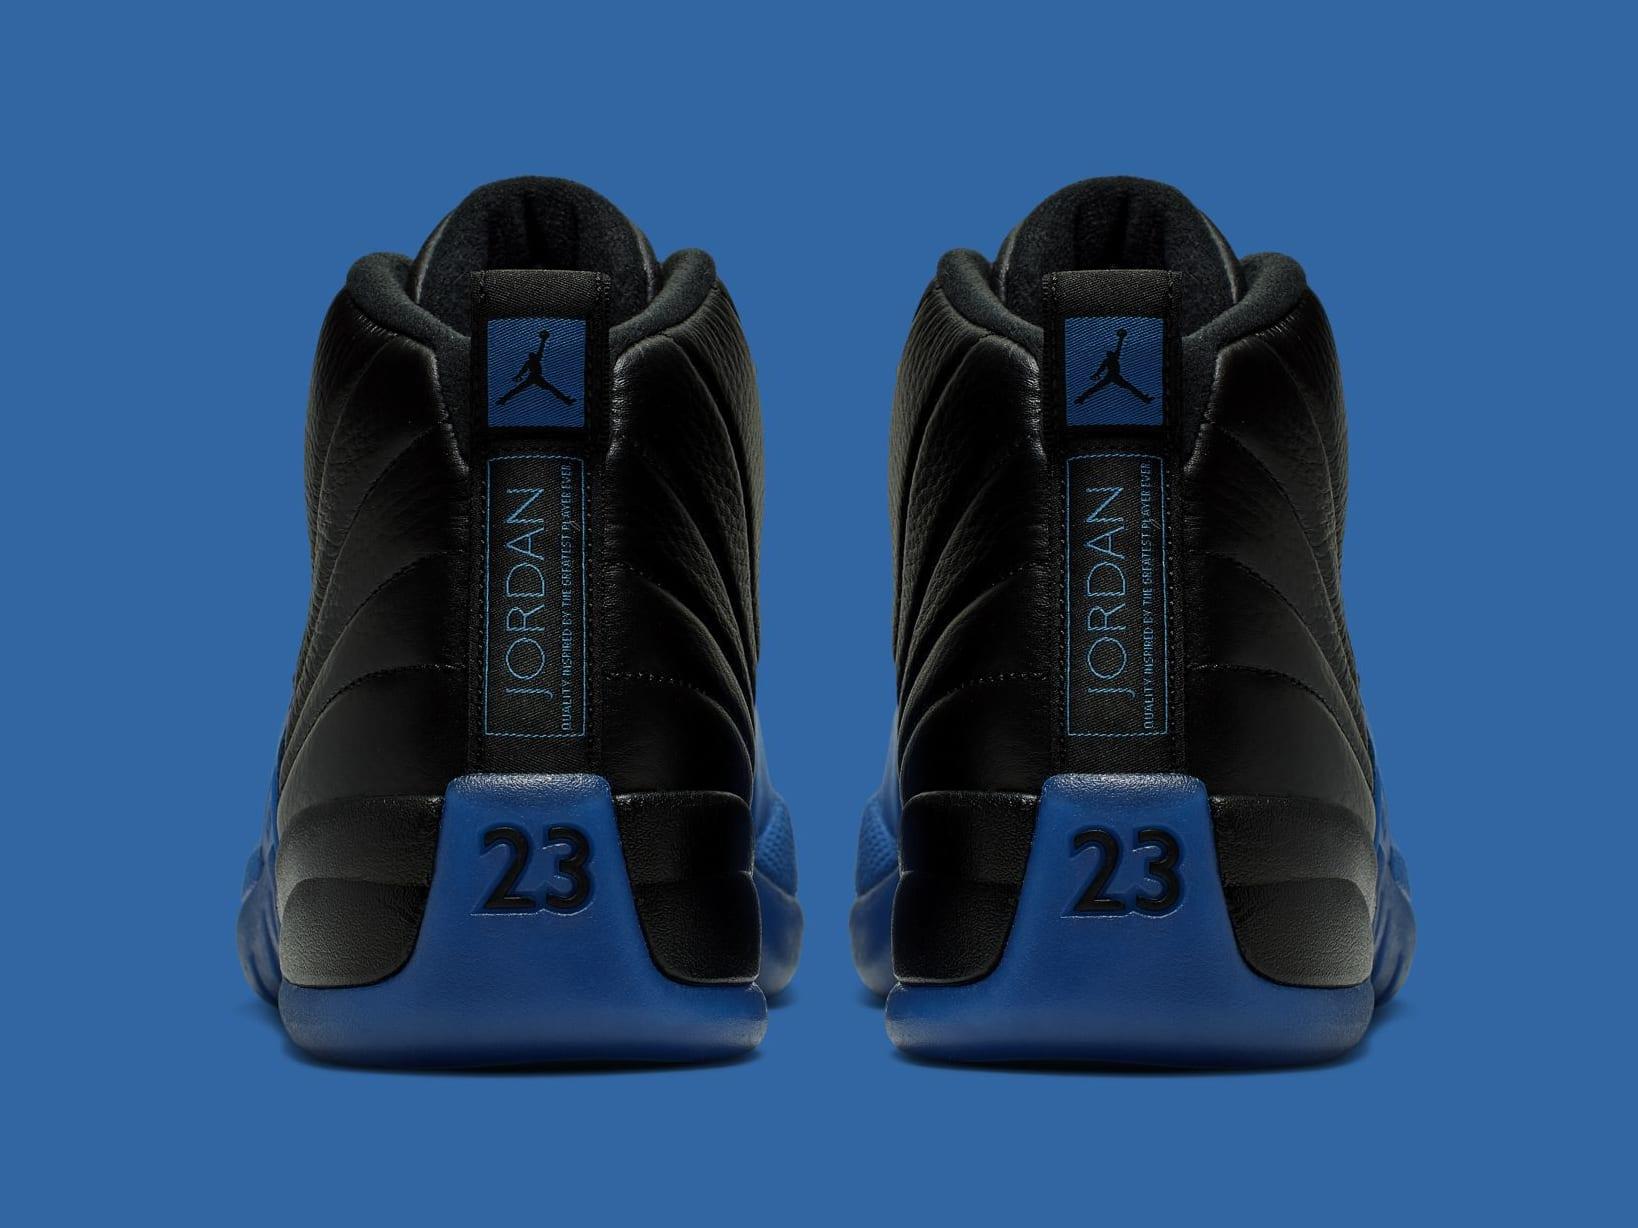 Air Jordan 12 Retro 'Black/Game Royal' 130690-014 (Heel)